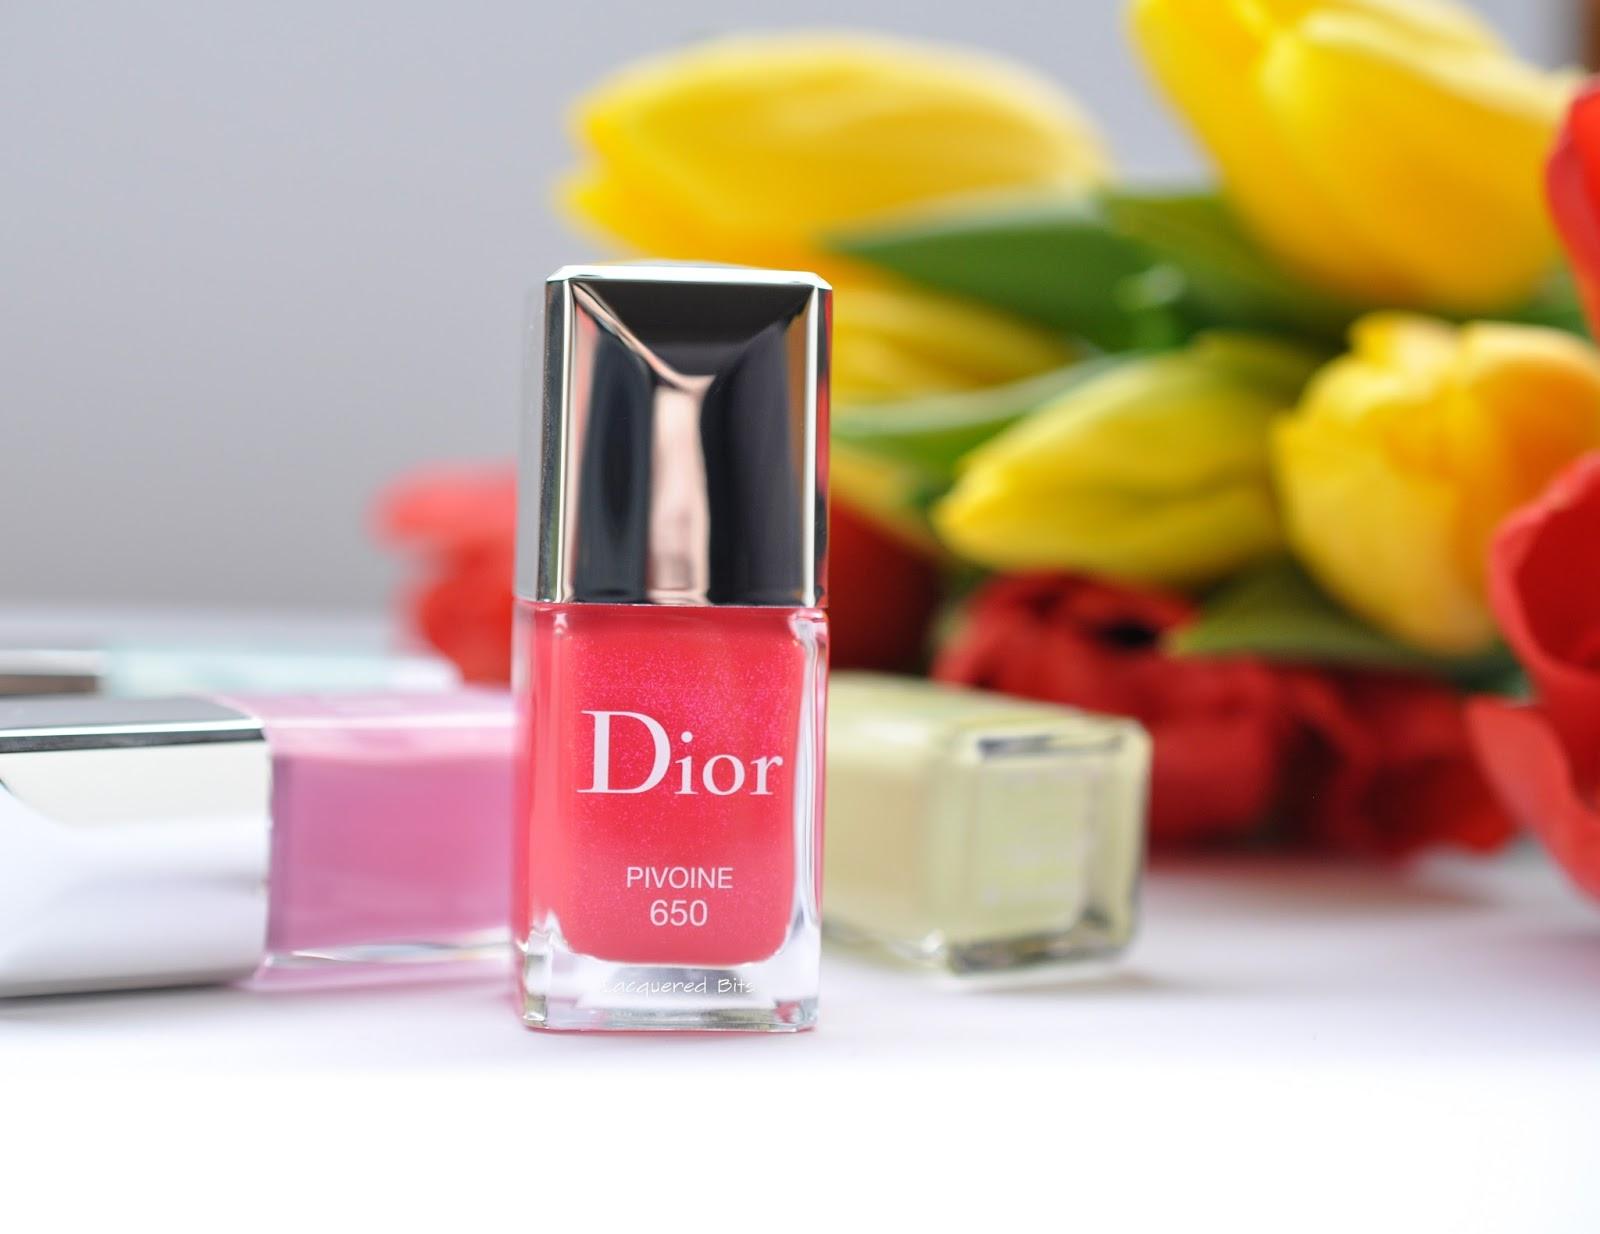 Pivoine - Dior Spring 2016 Glowing Gardens